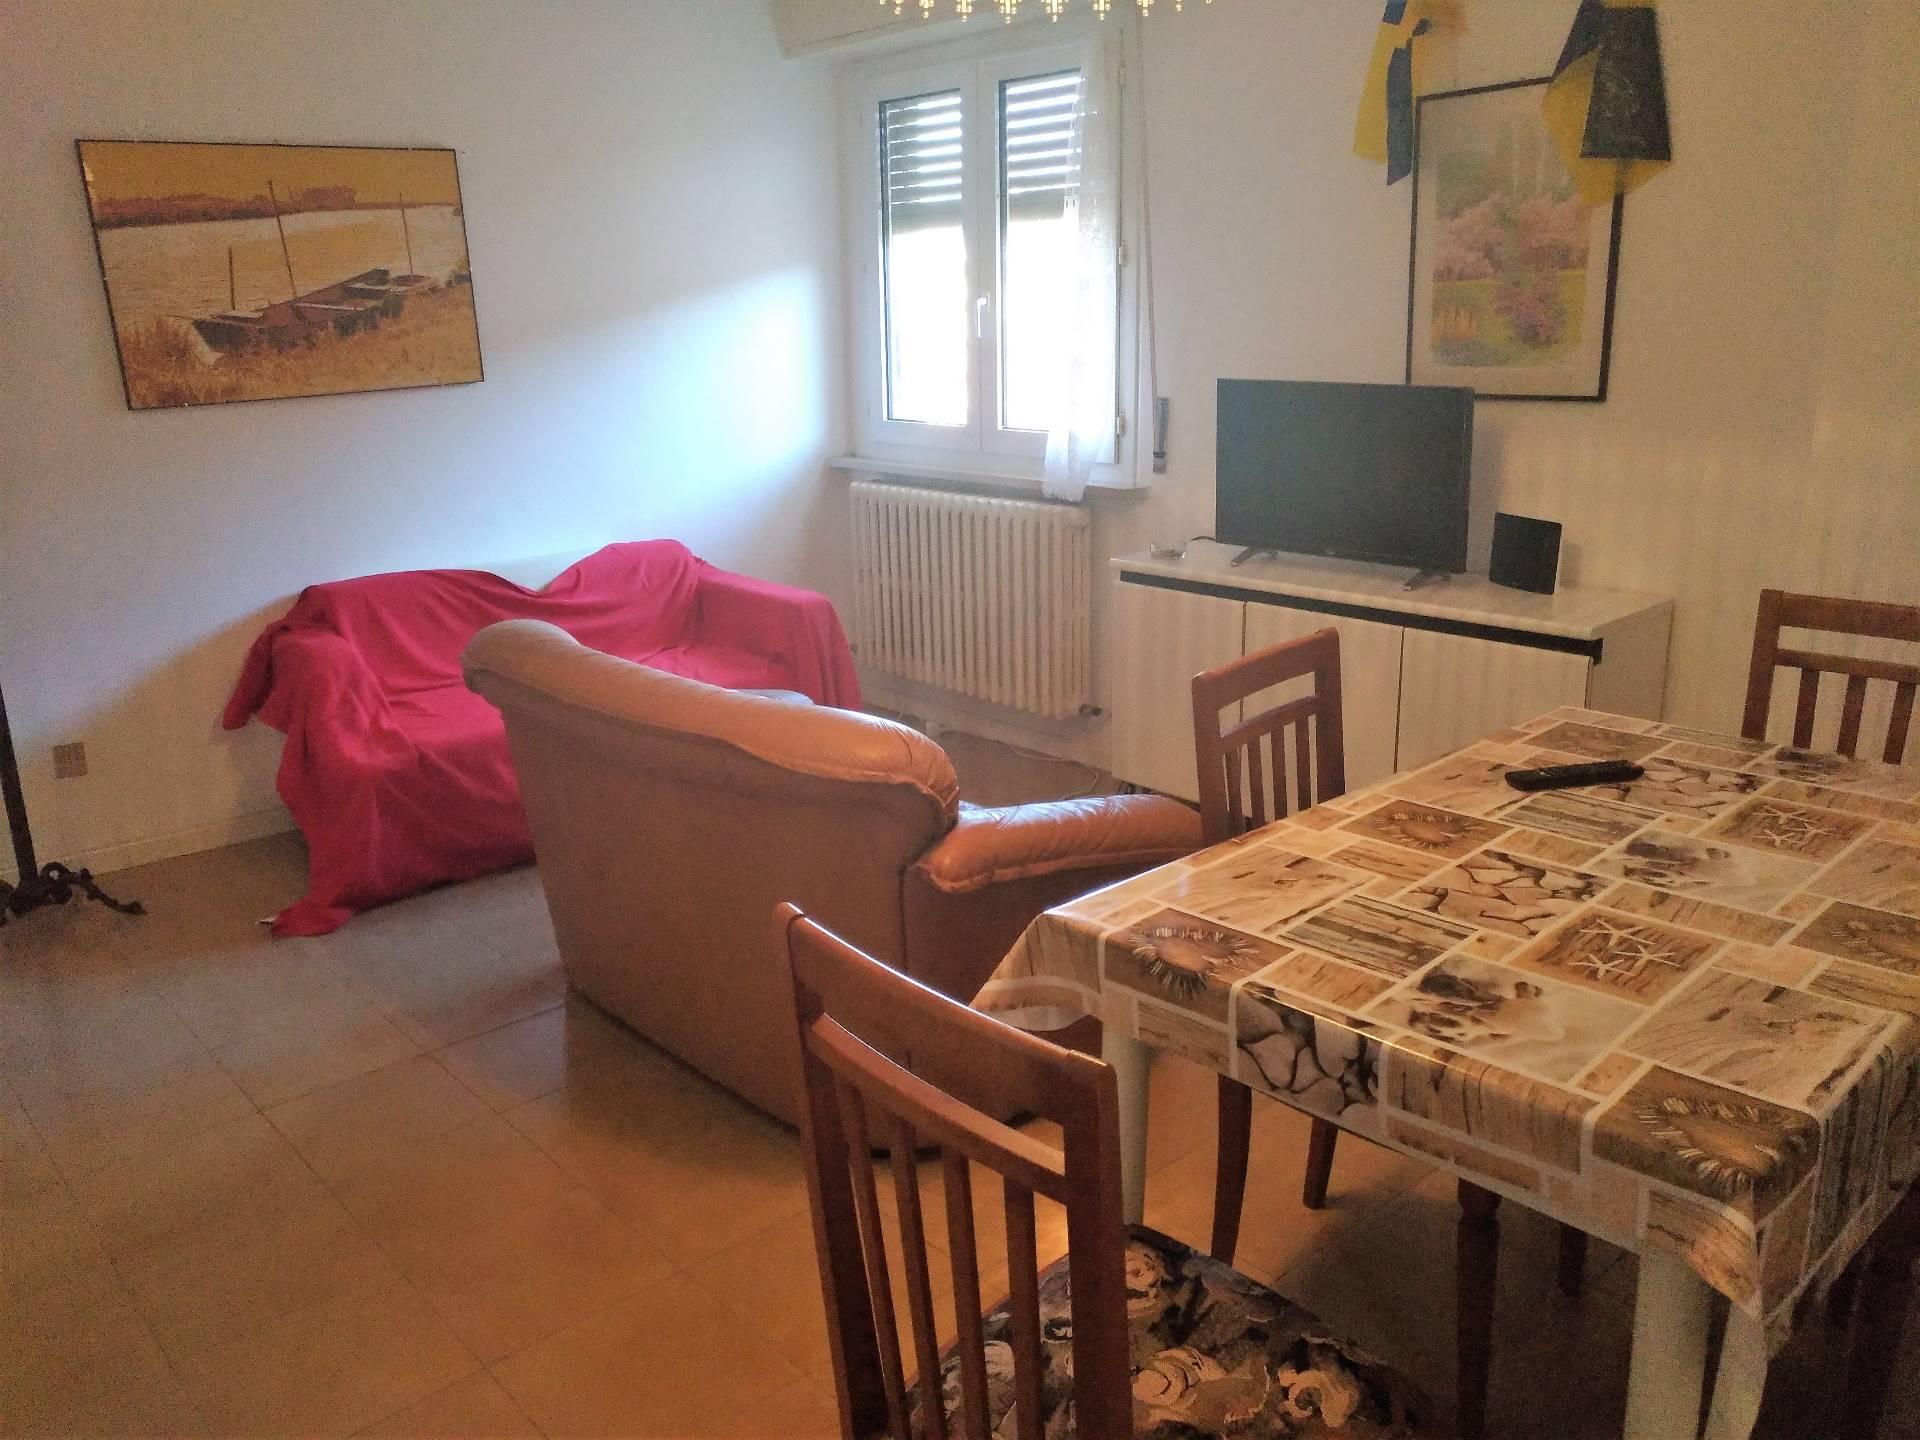 Appartamento in affitto a Ancona, 4 locali, zona Località: Centrostorico, prezzo € 700 | Cambio Casa.it